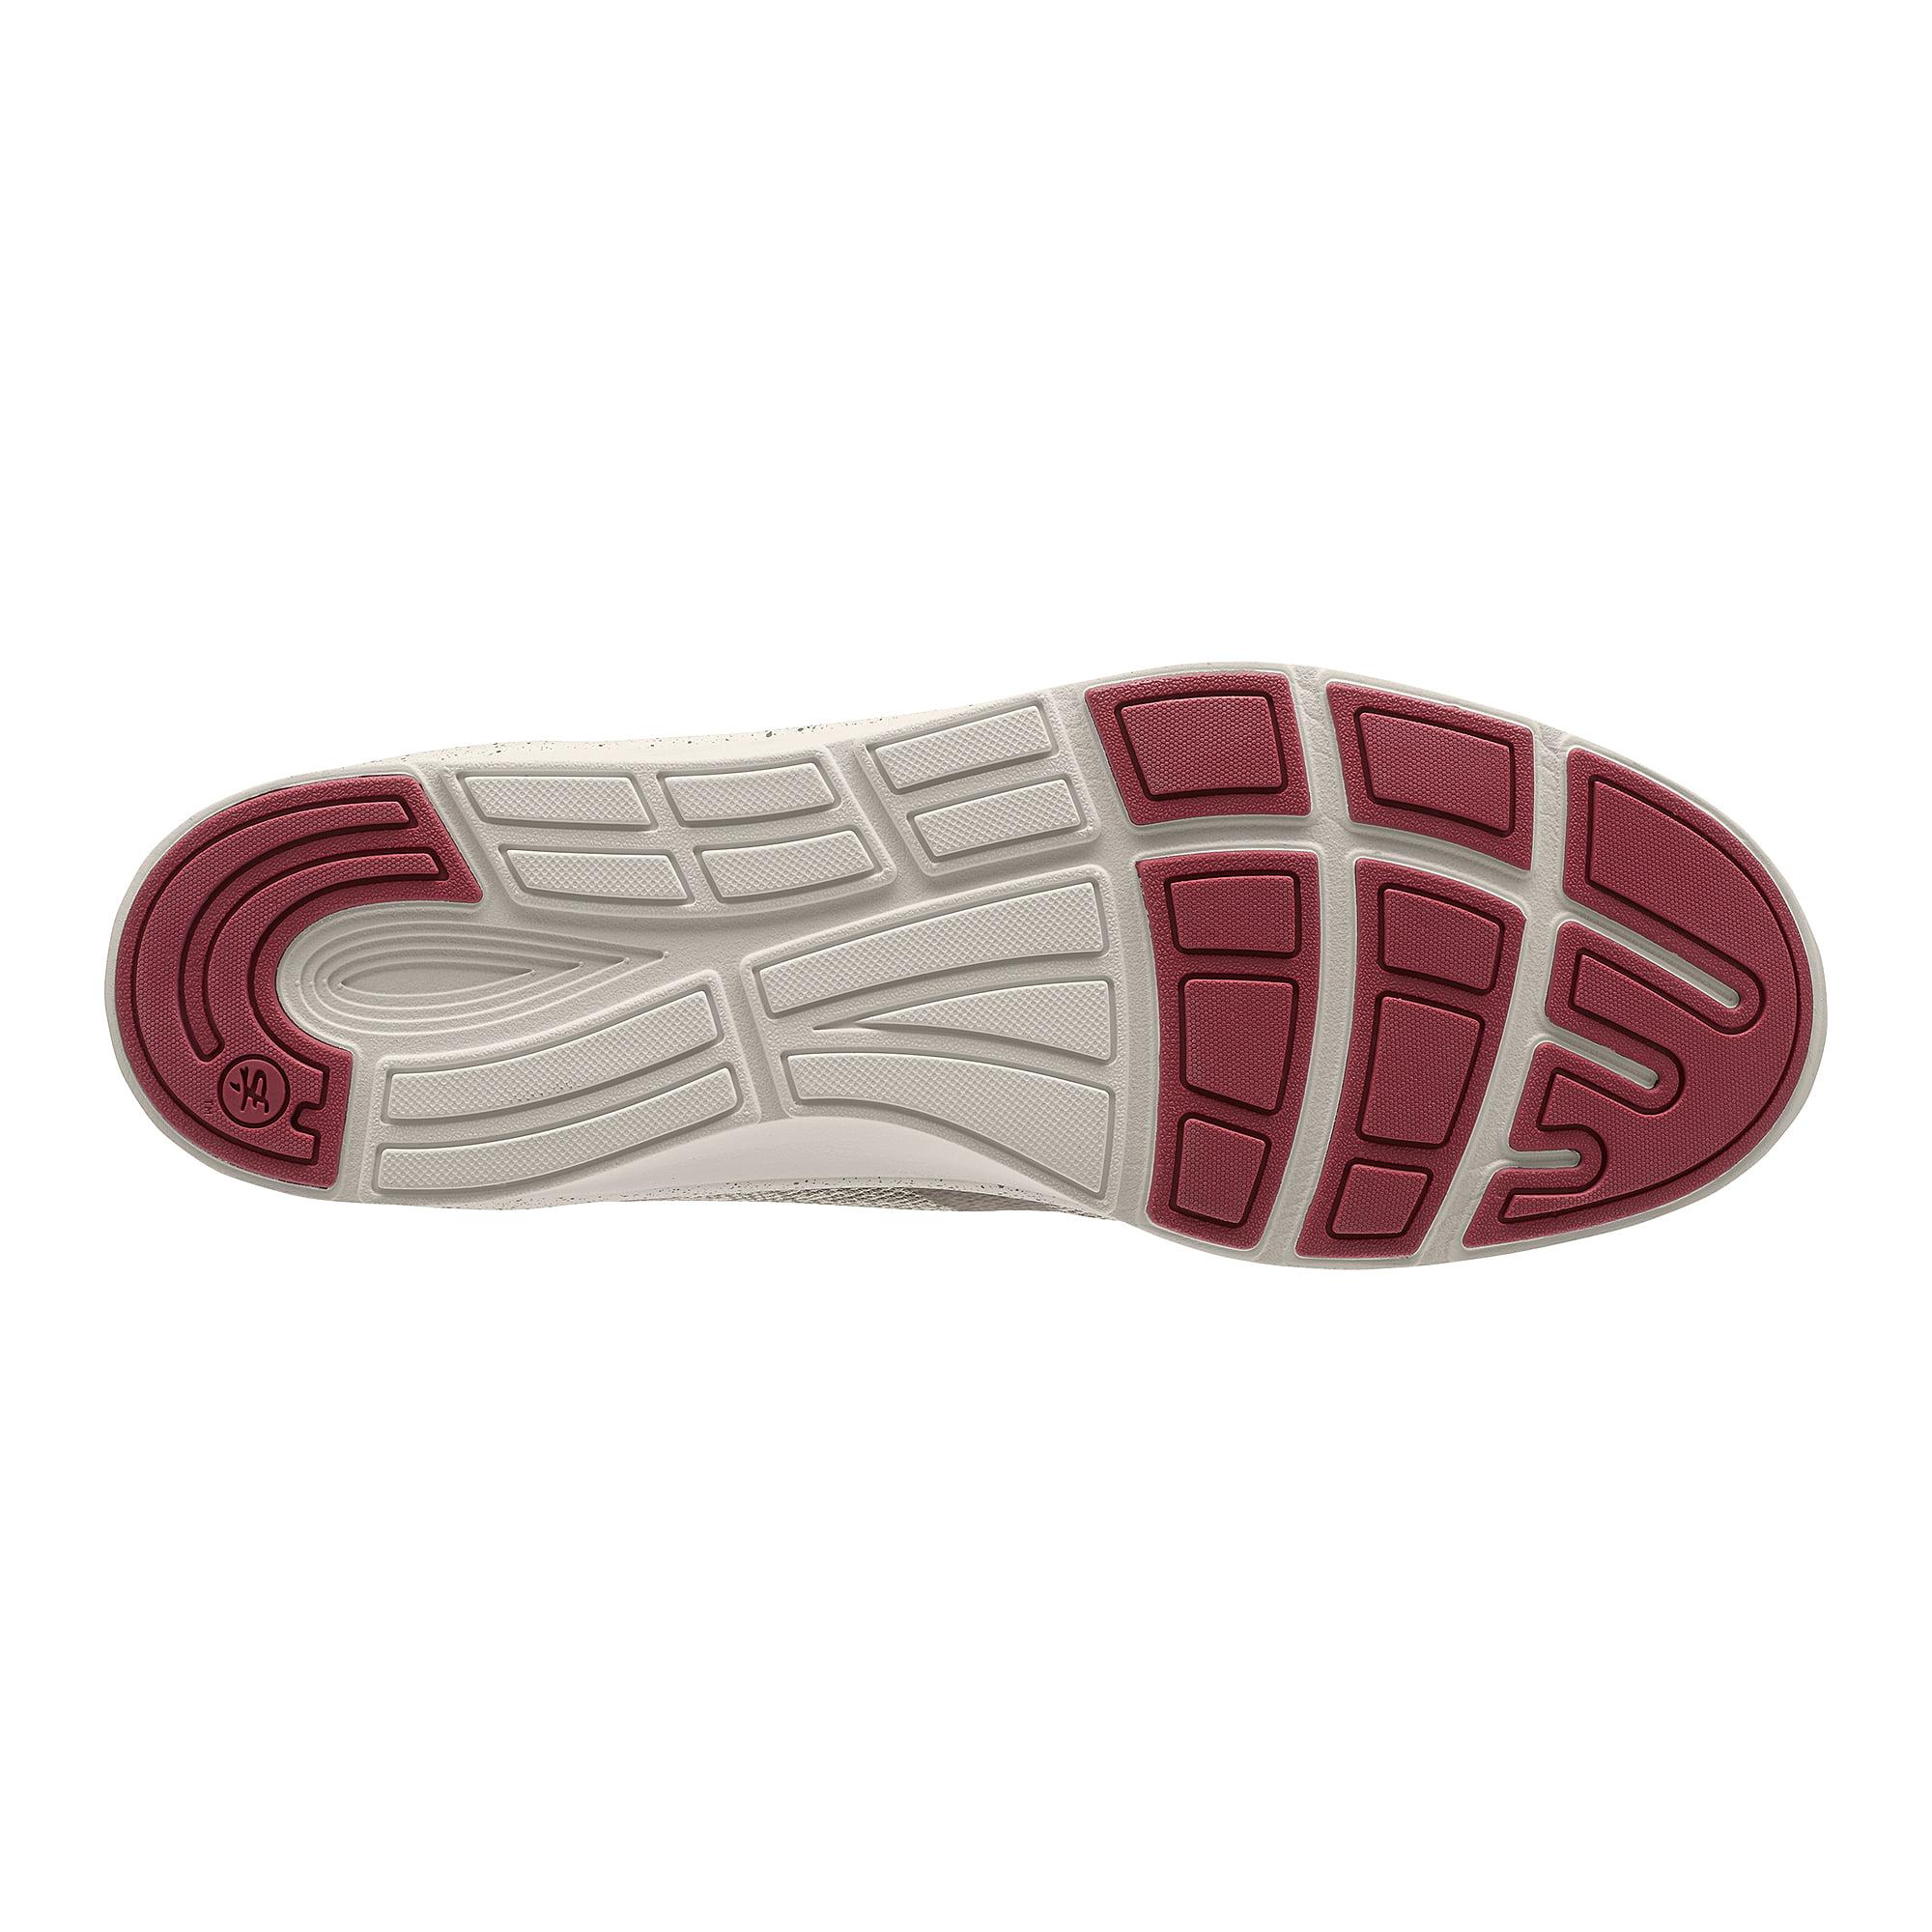 Superfeet Men's Stuart MX Shoe Economical, stylish, and eye-catching shoes